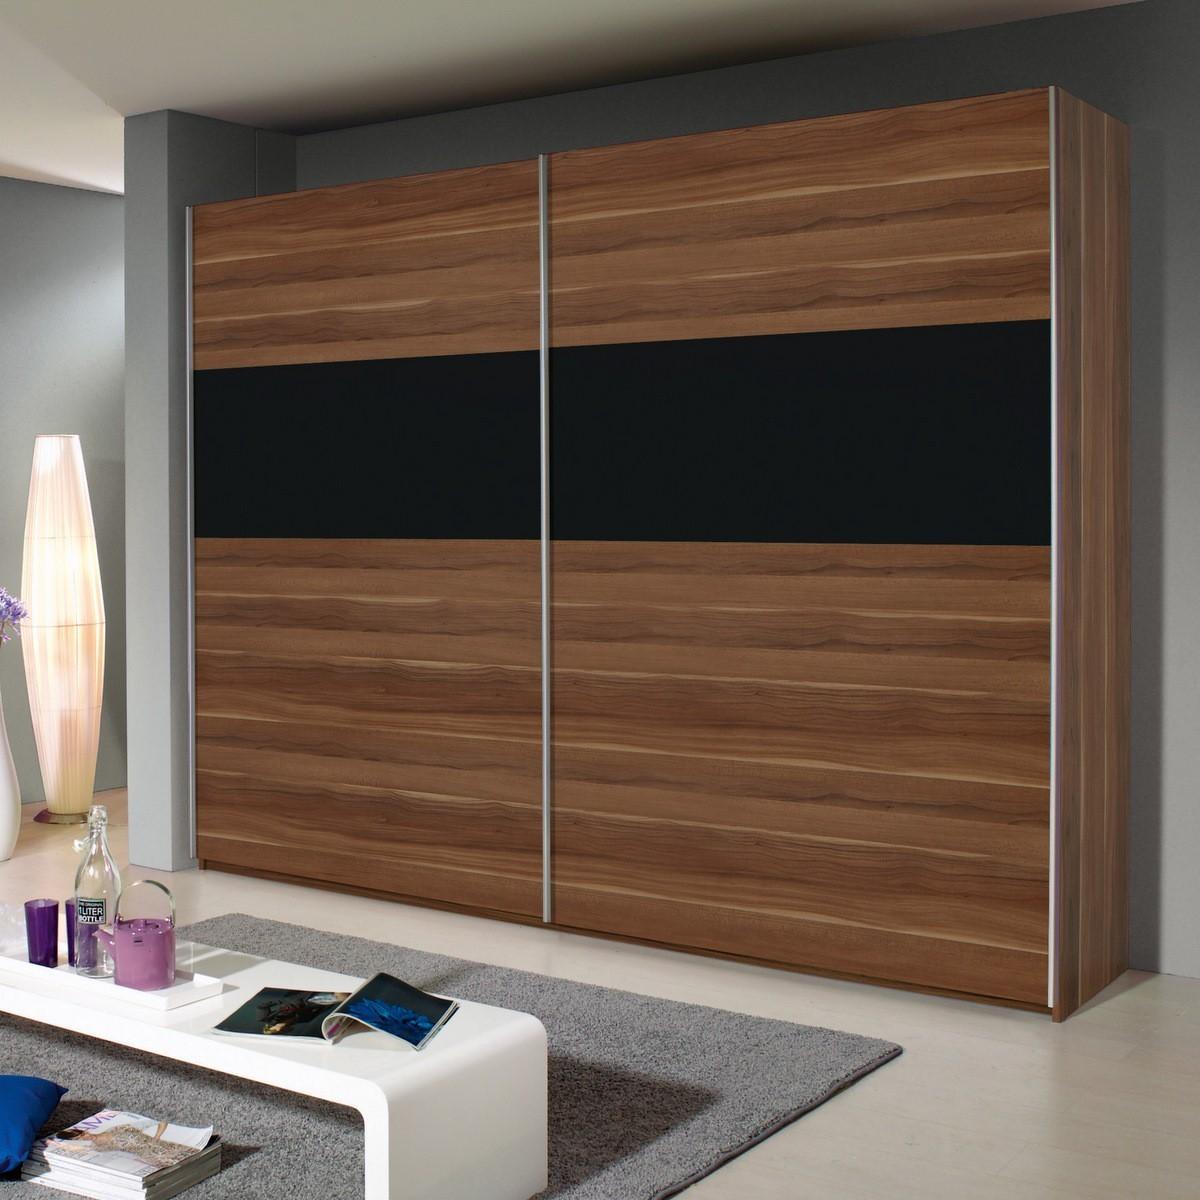 rauch schwebet renschrank nussbaum. Black Bedroom Furniture Sets. Home Design Ideas